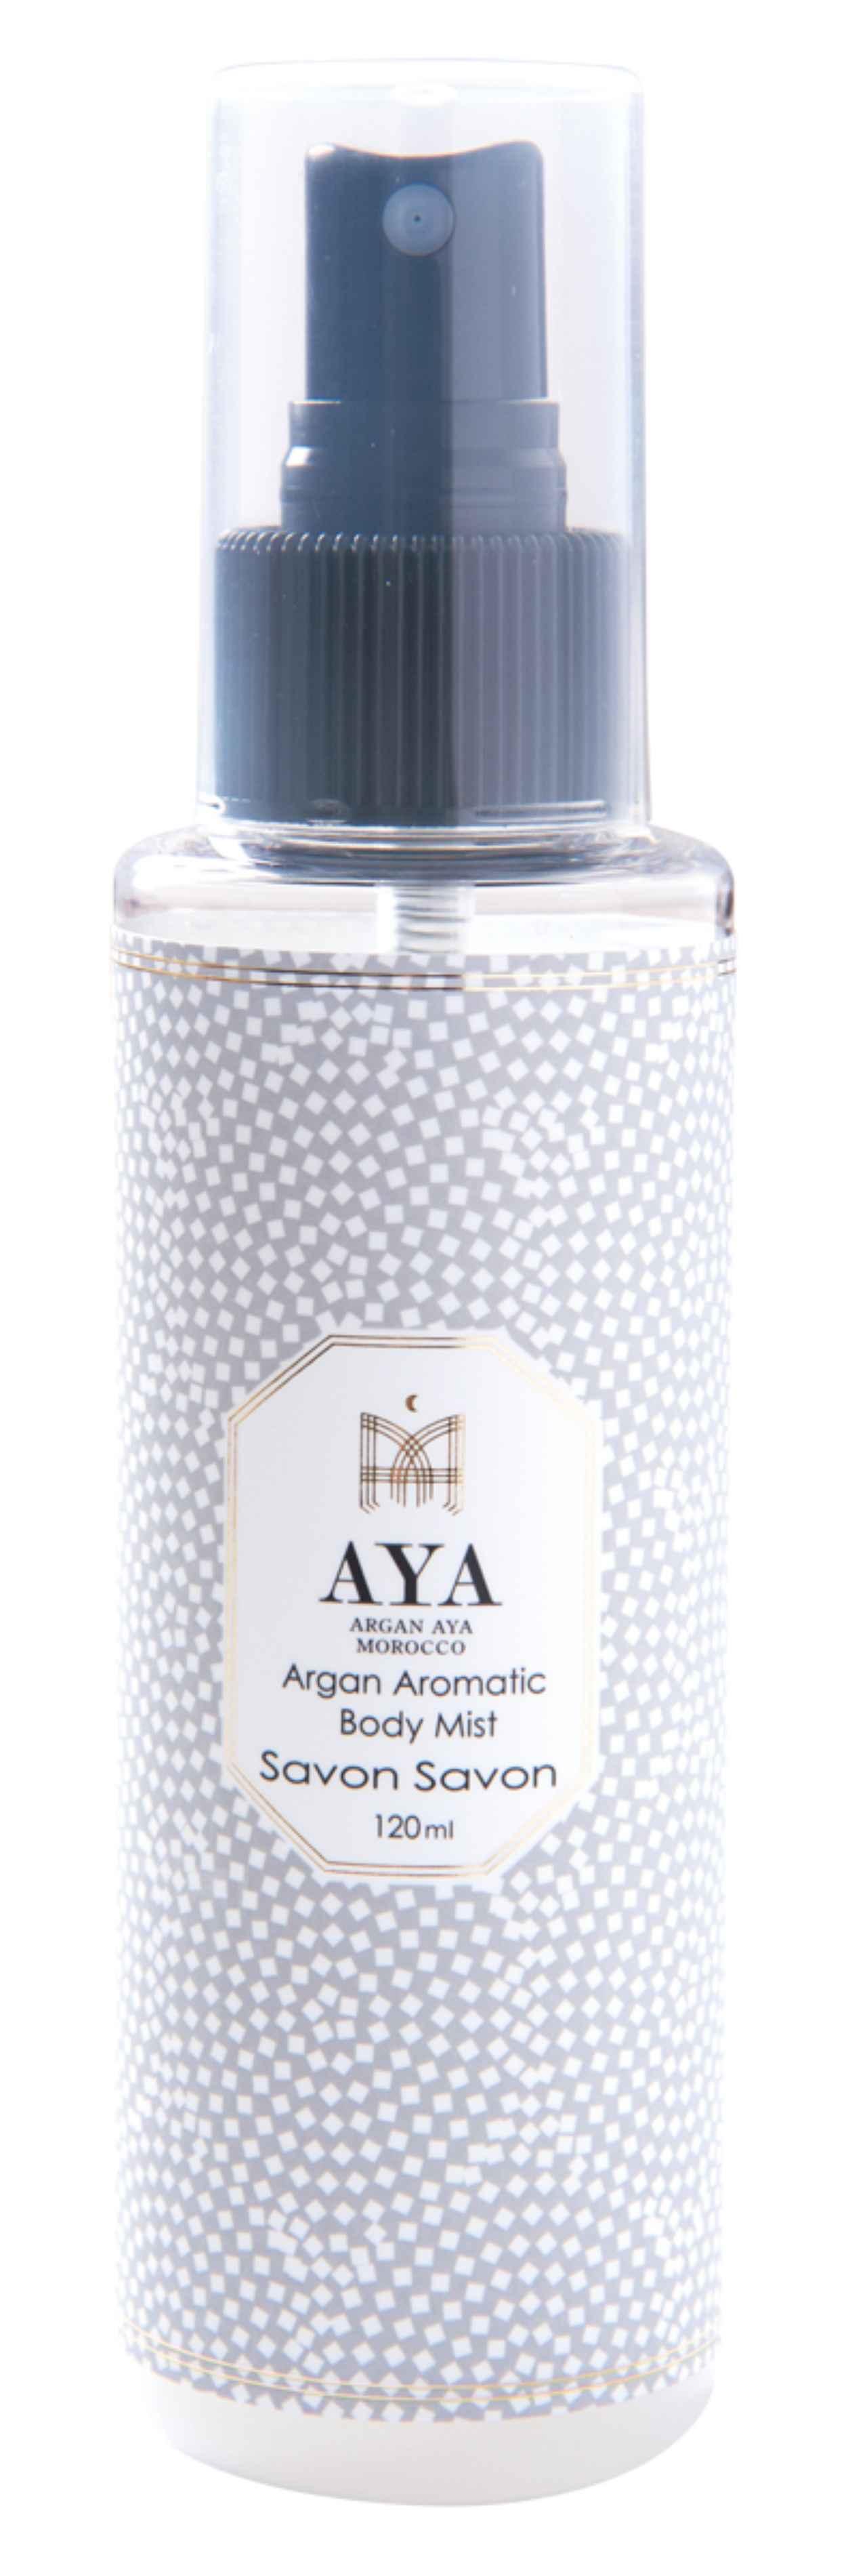 画像: 【店舗名】Silk oil of morocco-luxe style- 【商品名】アルガンアロマティックボディミスト(サボンサボン) 【価格】1,944円(税込) 当店はモロッコの黄金アルガンオイルの専門店です。『アルガンアロマティックボディミスト』はヒアルロン酸やコラーゲン、4種の植物由来の美肌成分入りボディミストです。女子力UPのほのかな香りで、みずみずしいサラ肌を実現します!